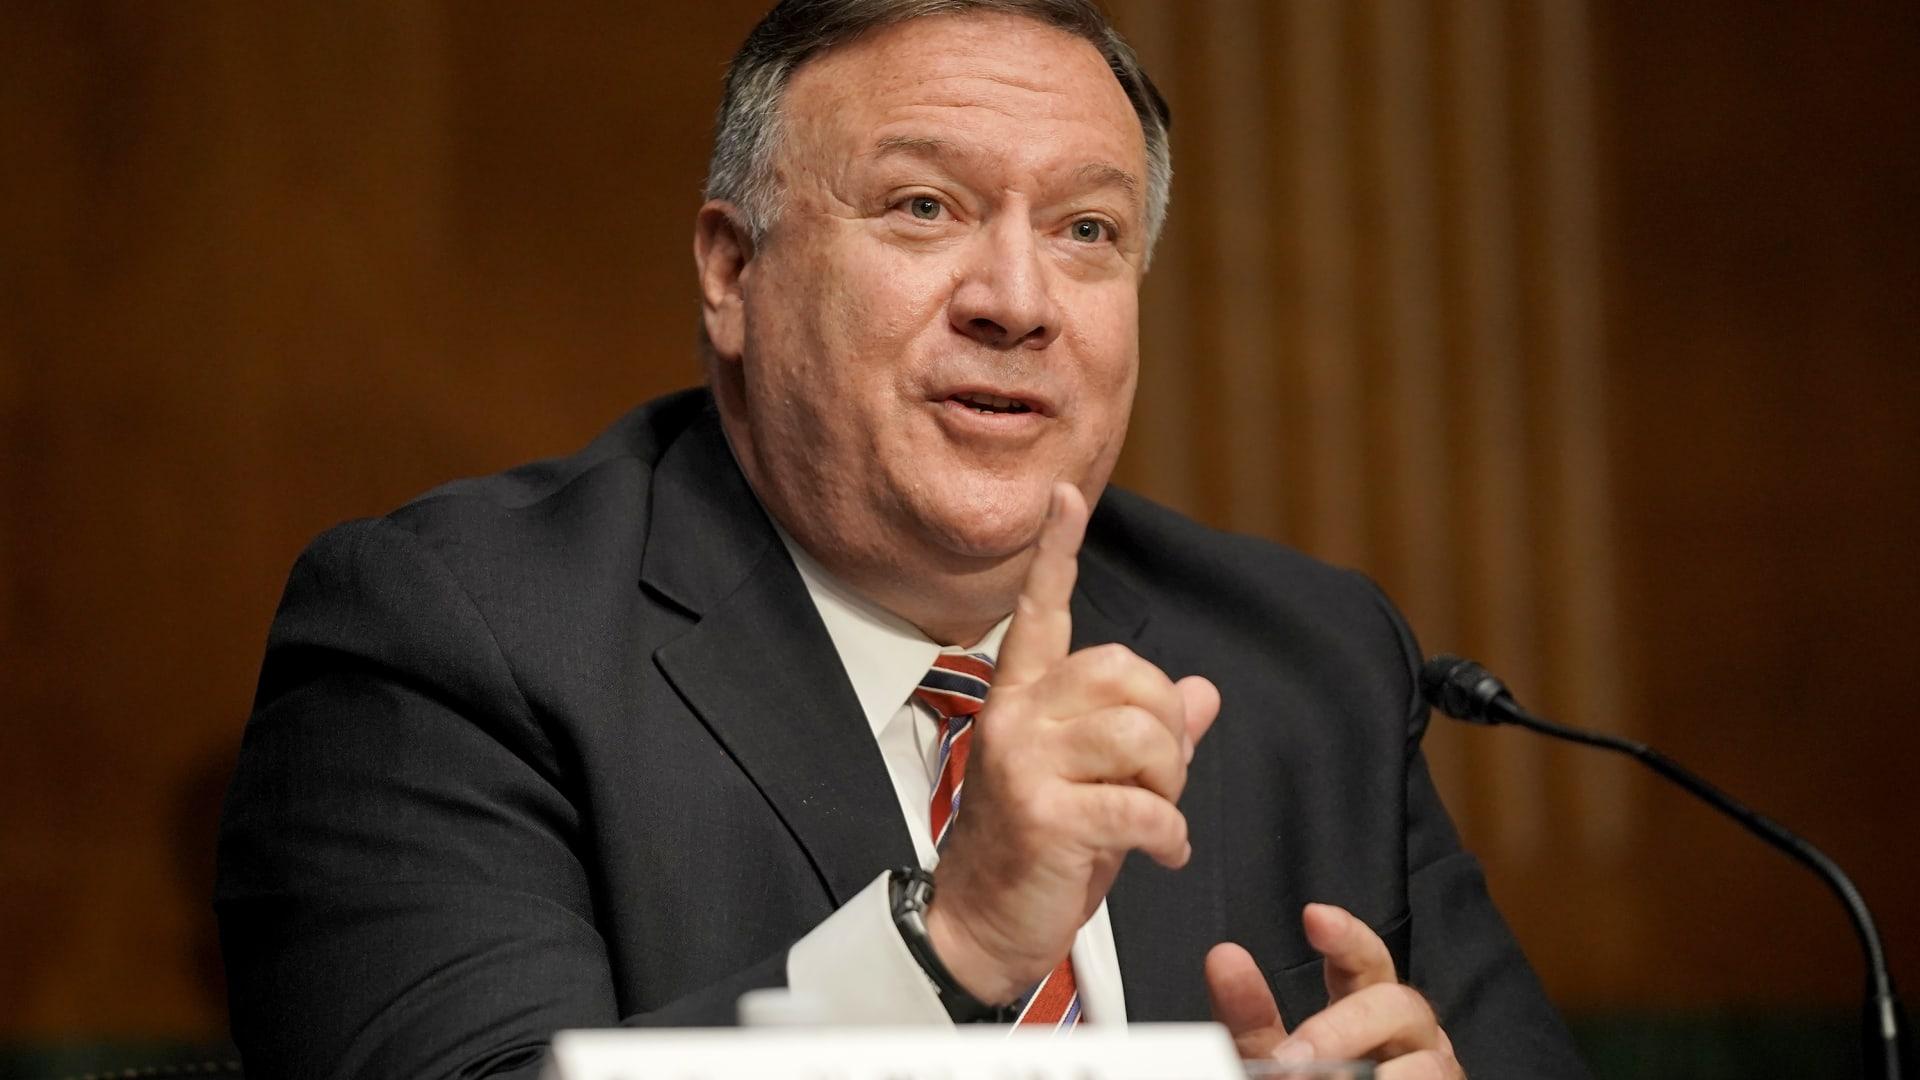 أمريكا: توسيع نطاق العقوبات على إيران لتطال قطاعي المعادن والبناء